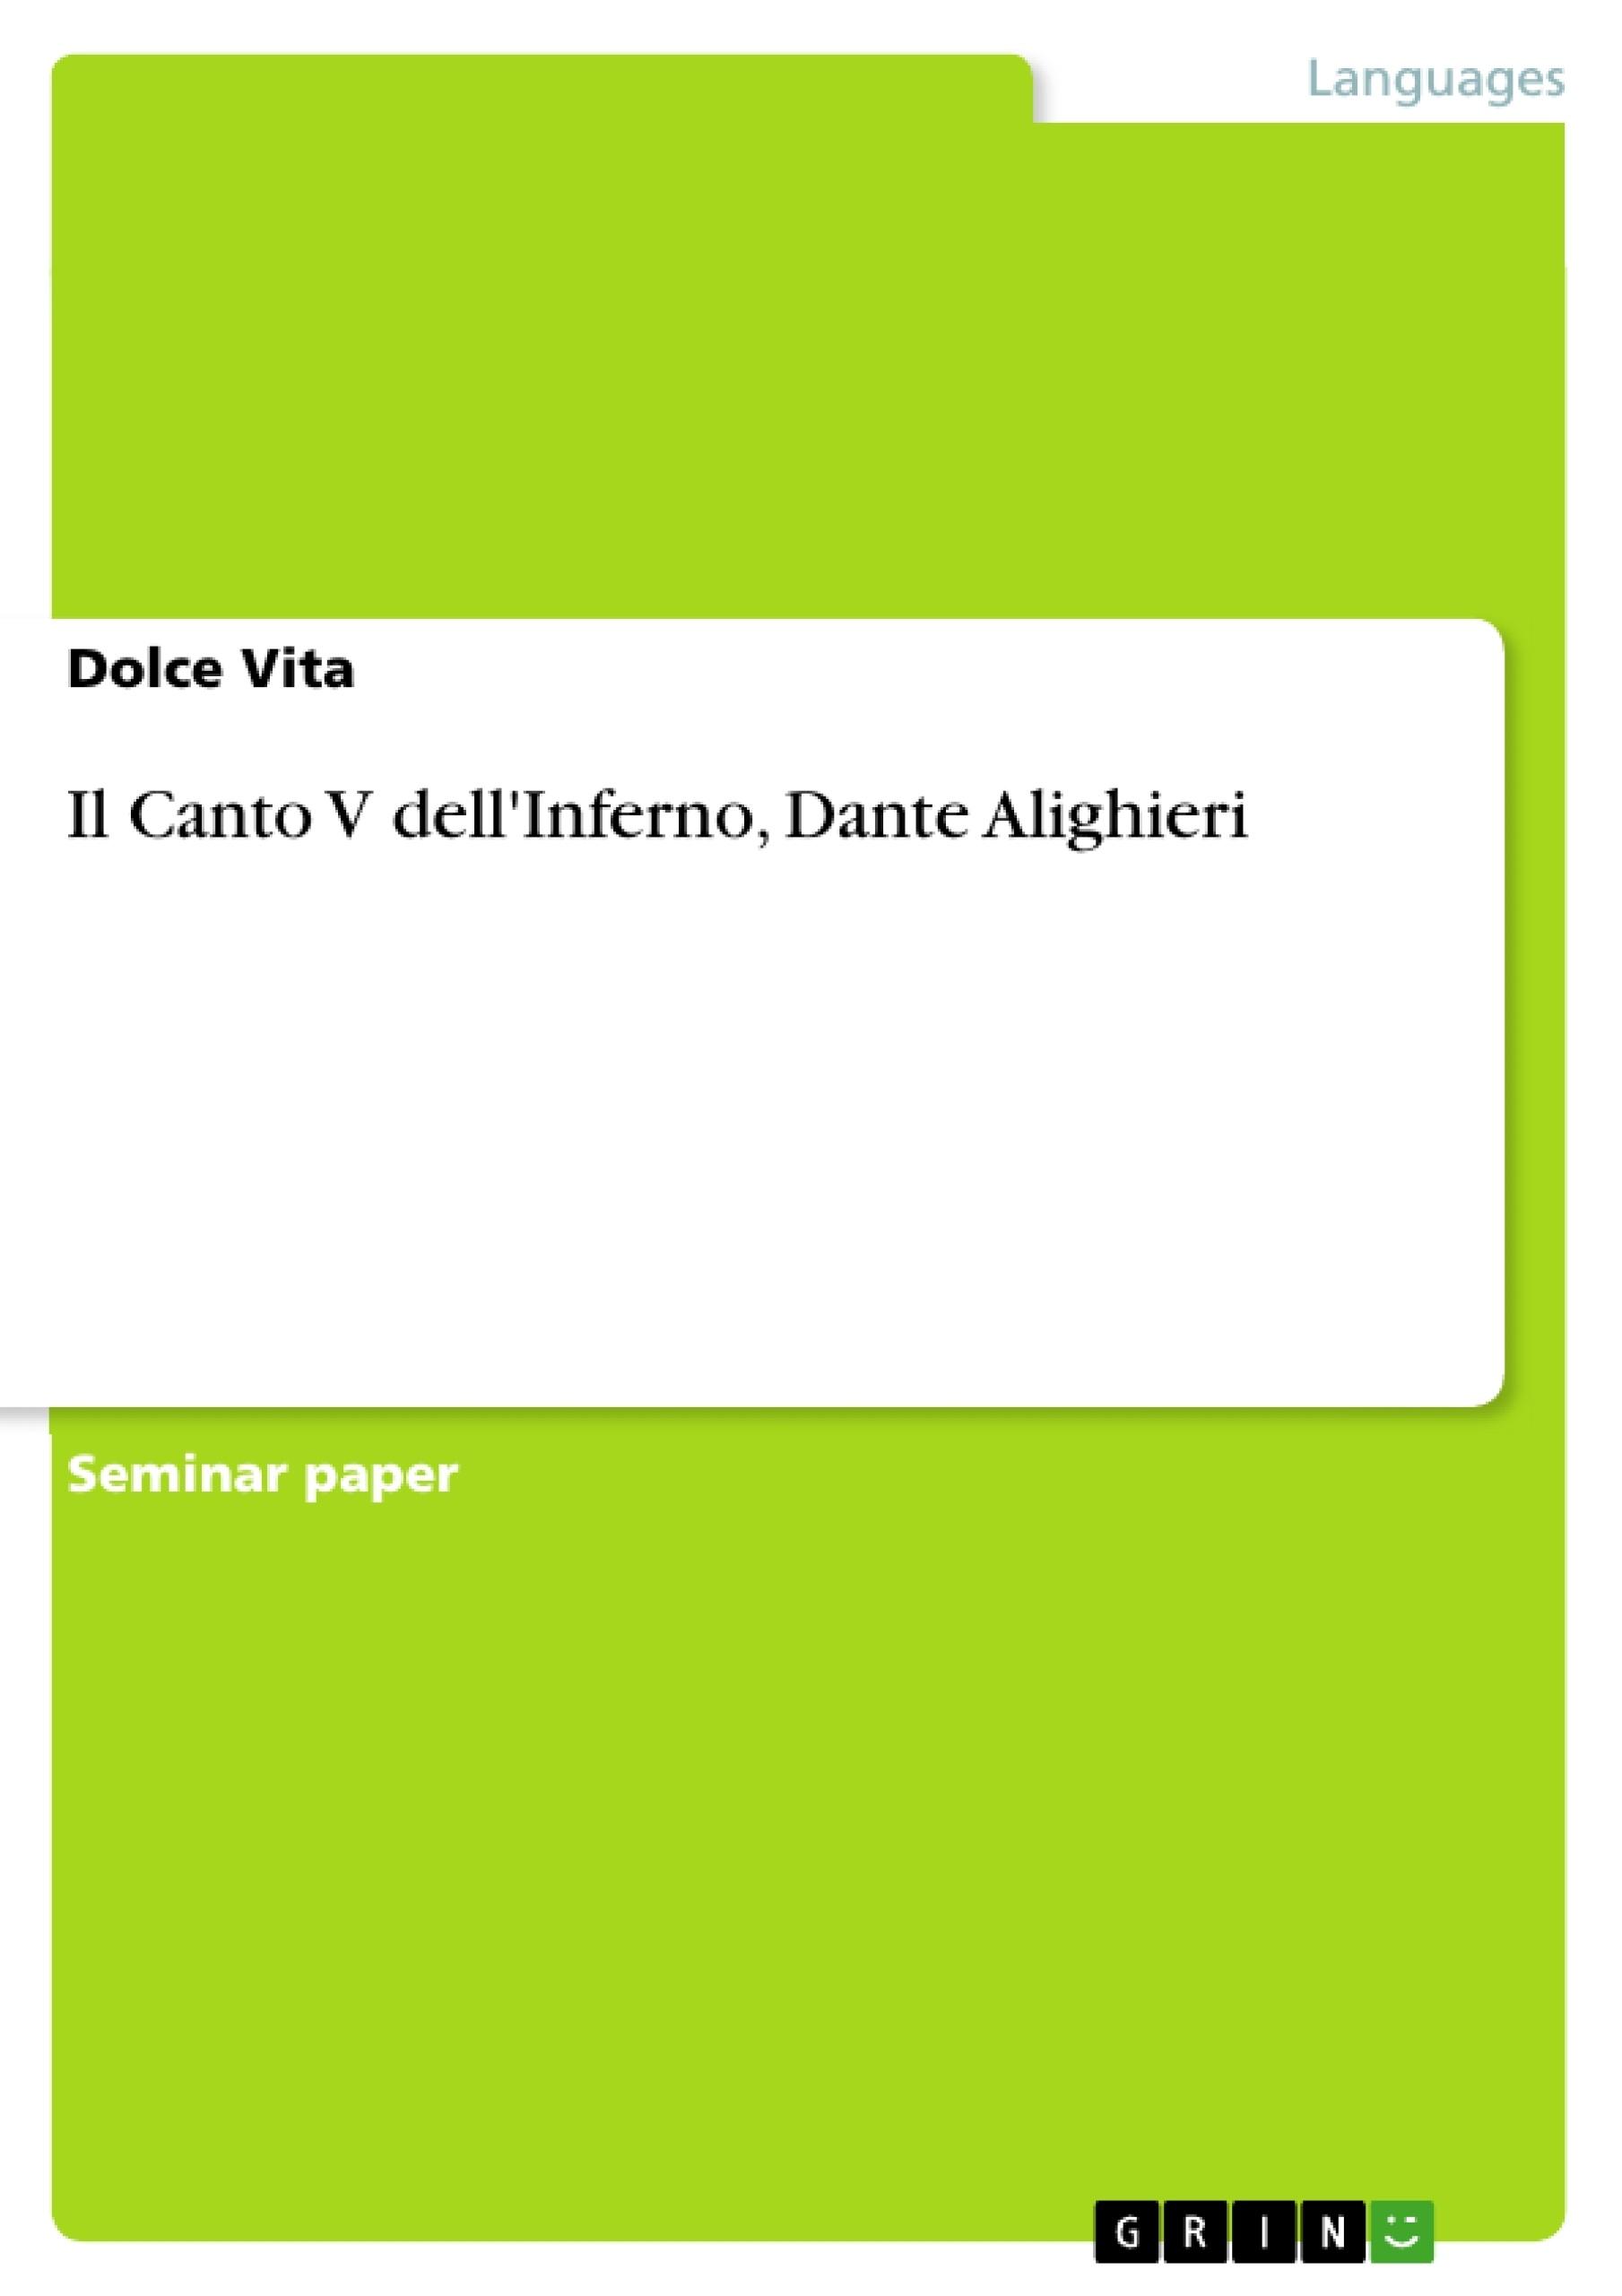 Title: Il Canto V dell'Inferno, Dante Alighieri